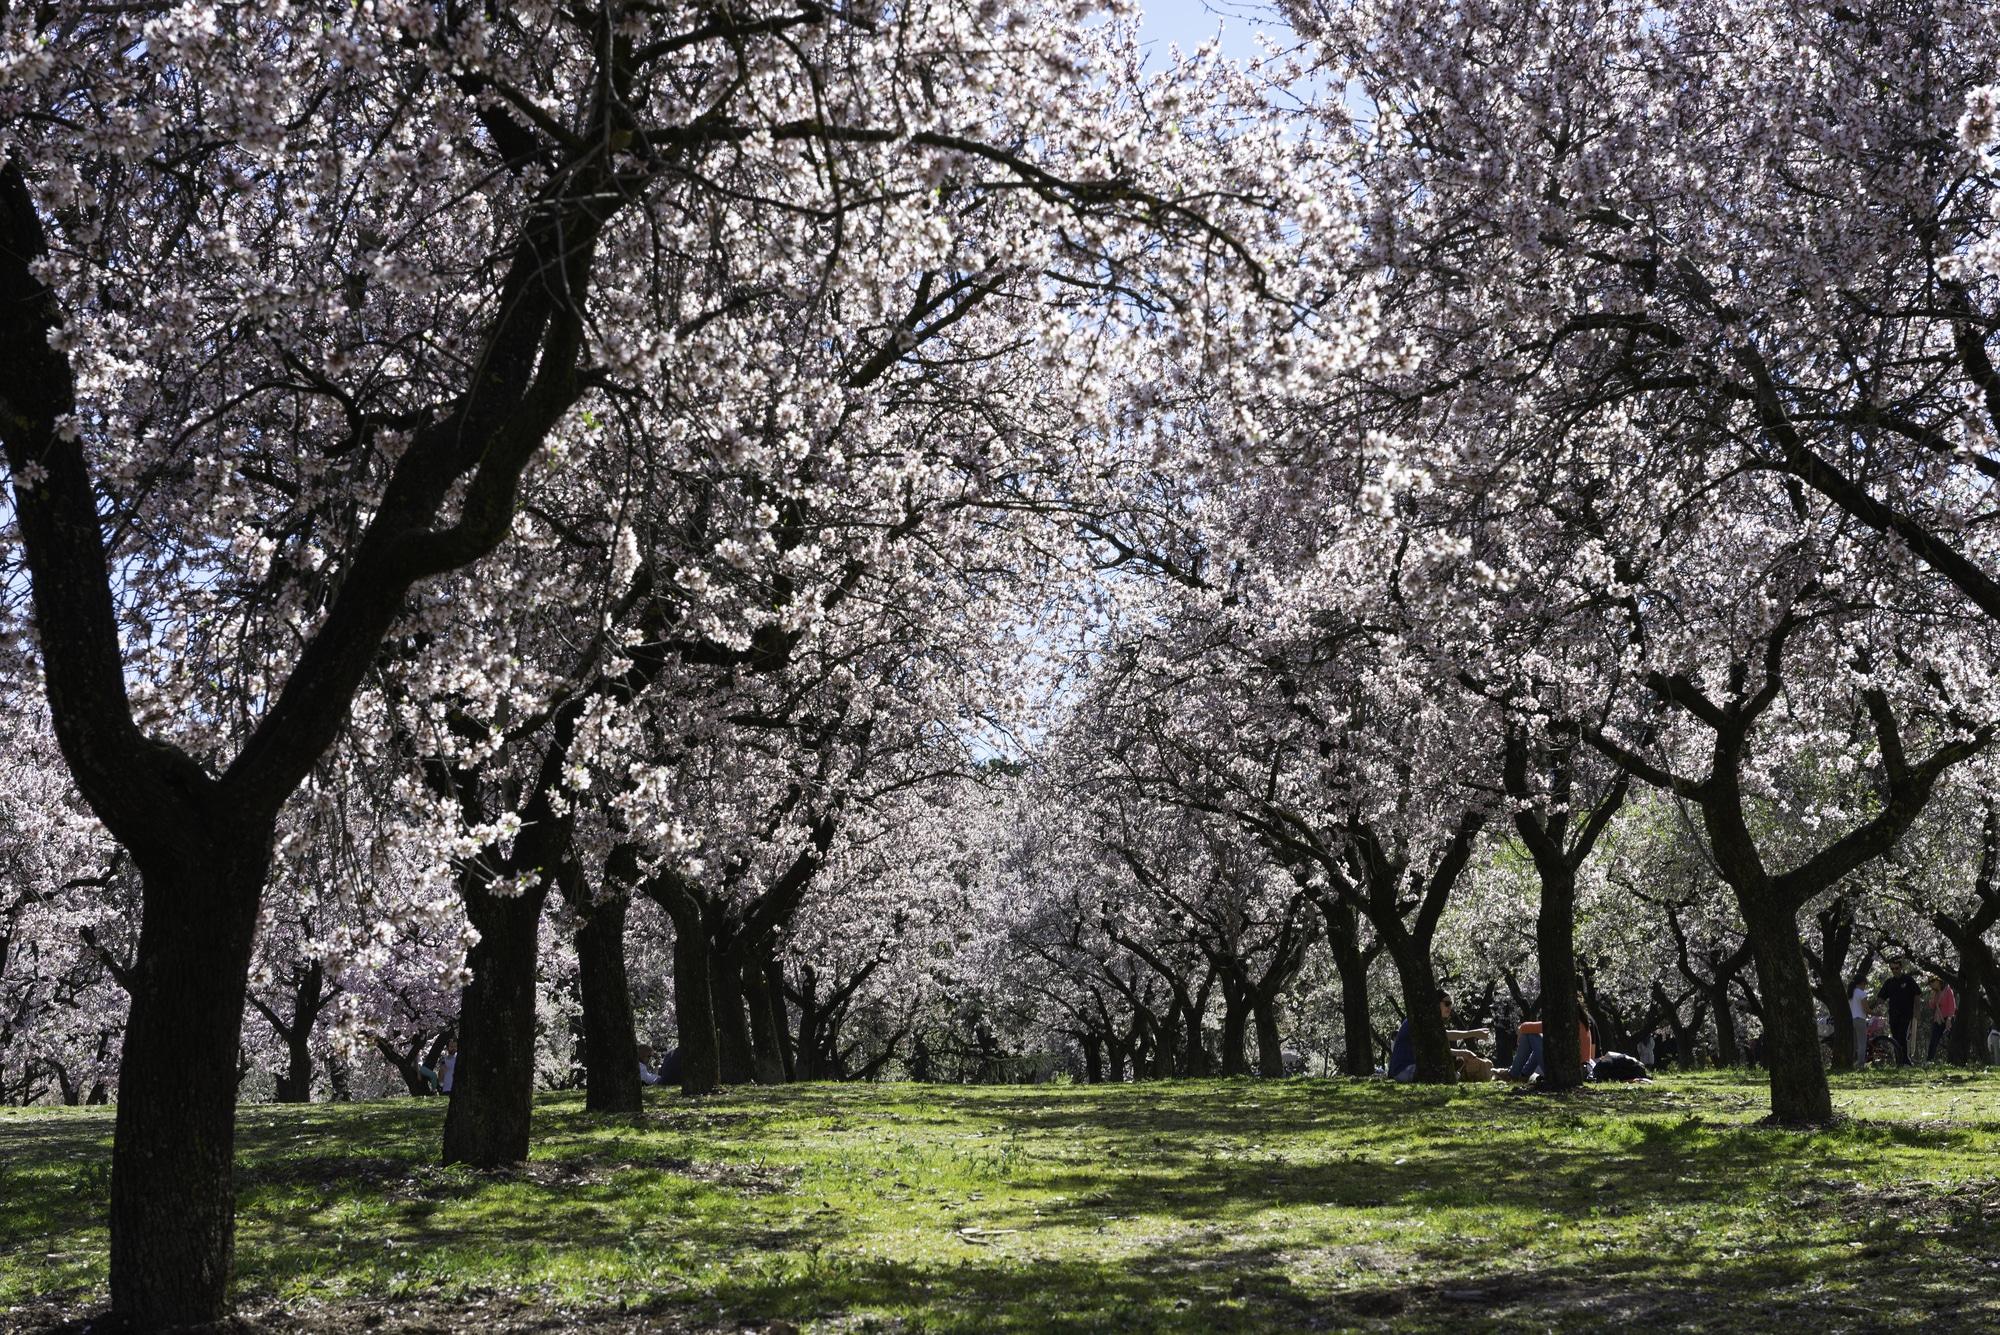 Almendros en flor en el paqrue LA Quinta de los molinos